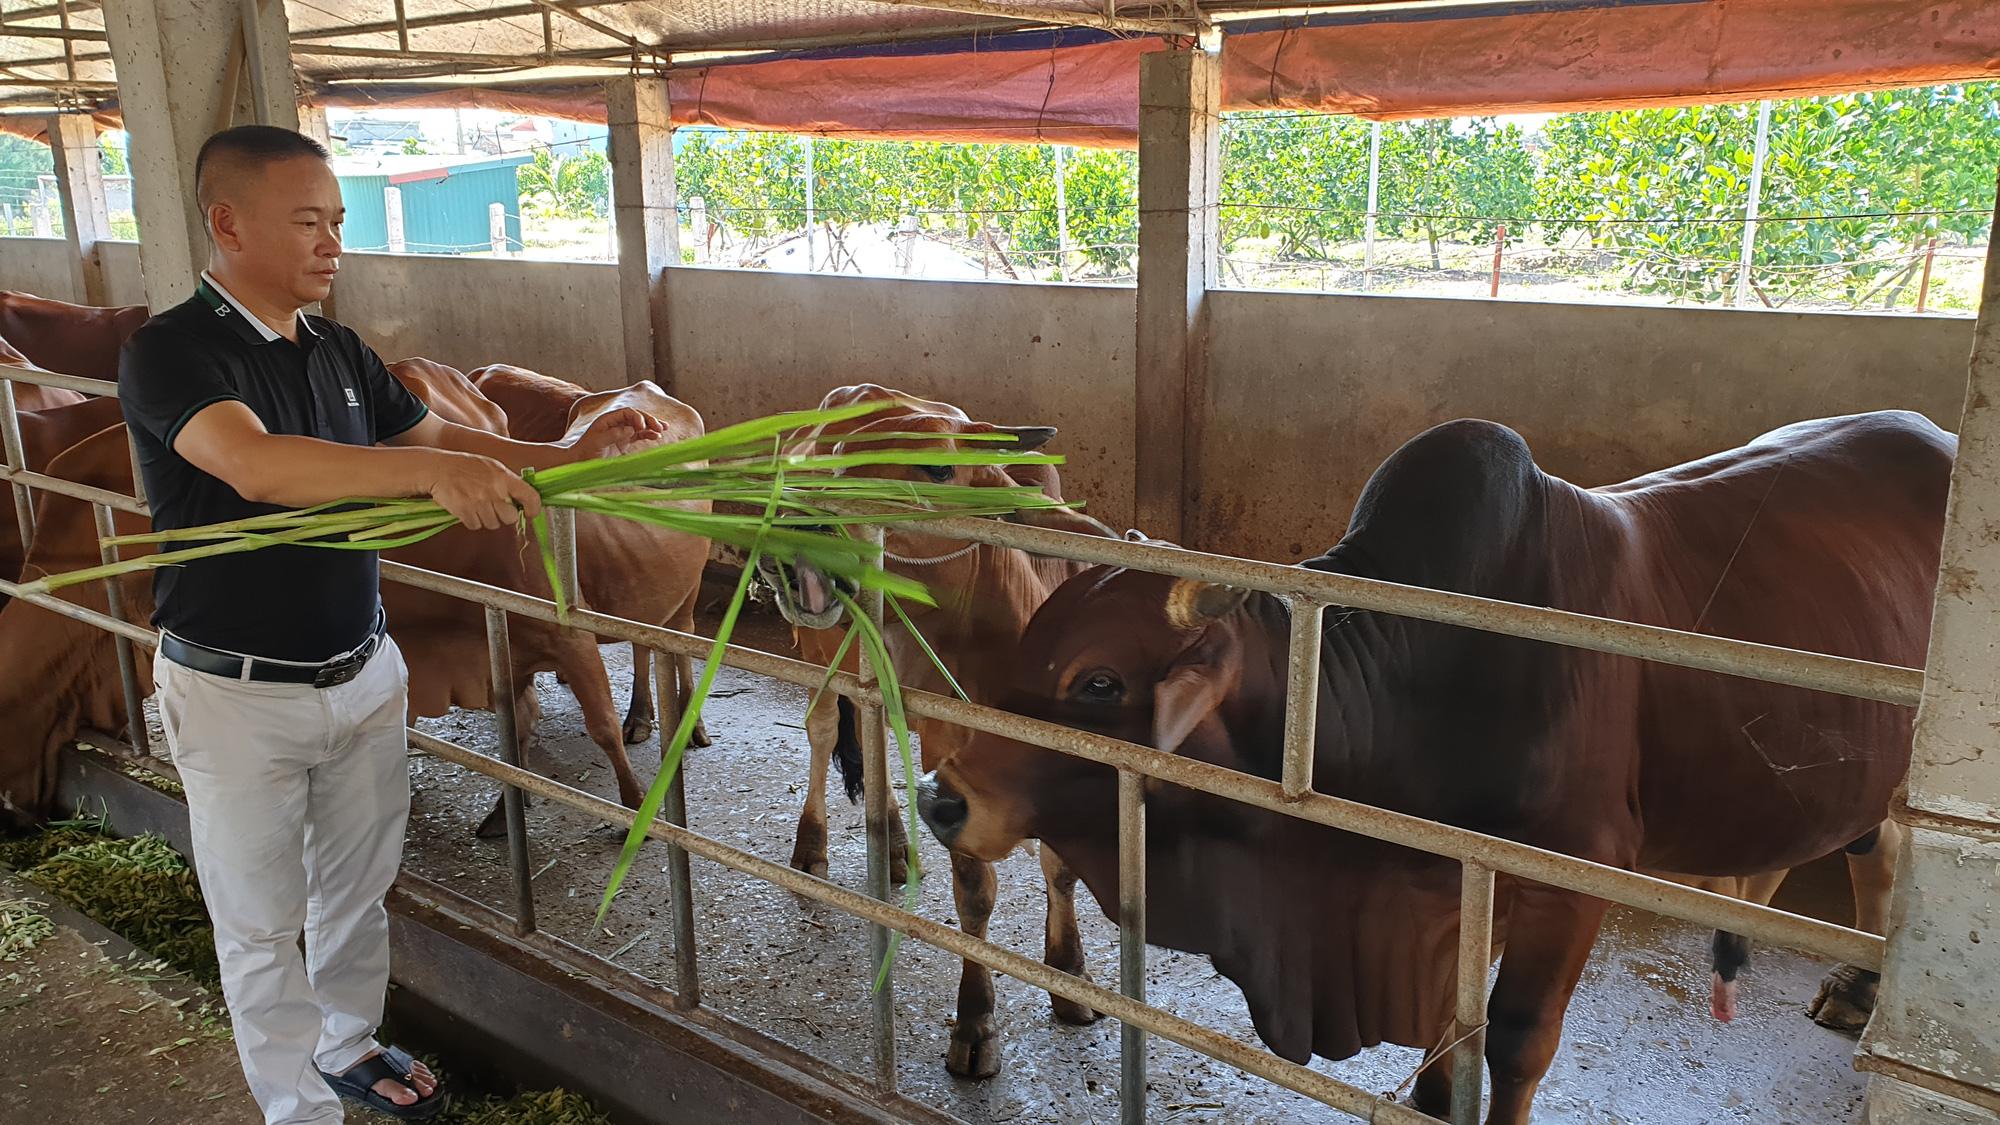 Thái Bình: Đại gia bất động sản bỏ phố về quê ....trồng cỏ, nuôi bò - Ảnh 3.